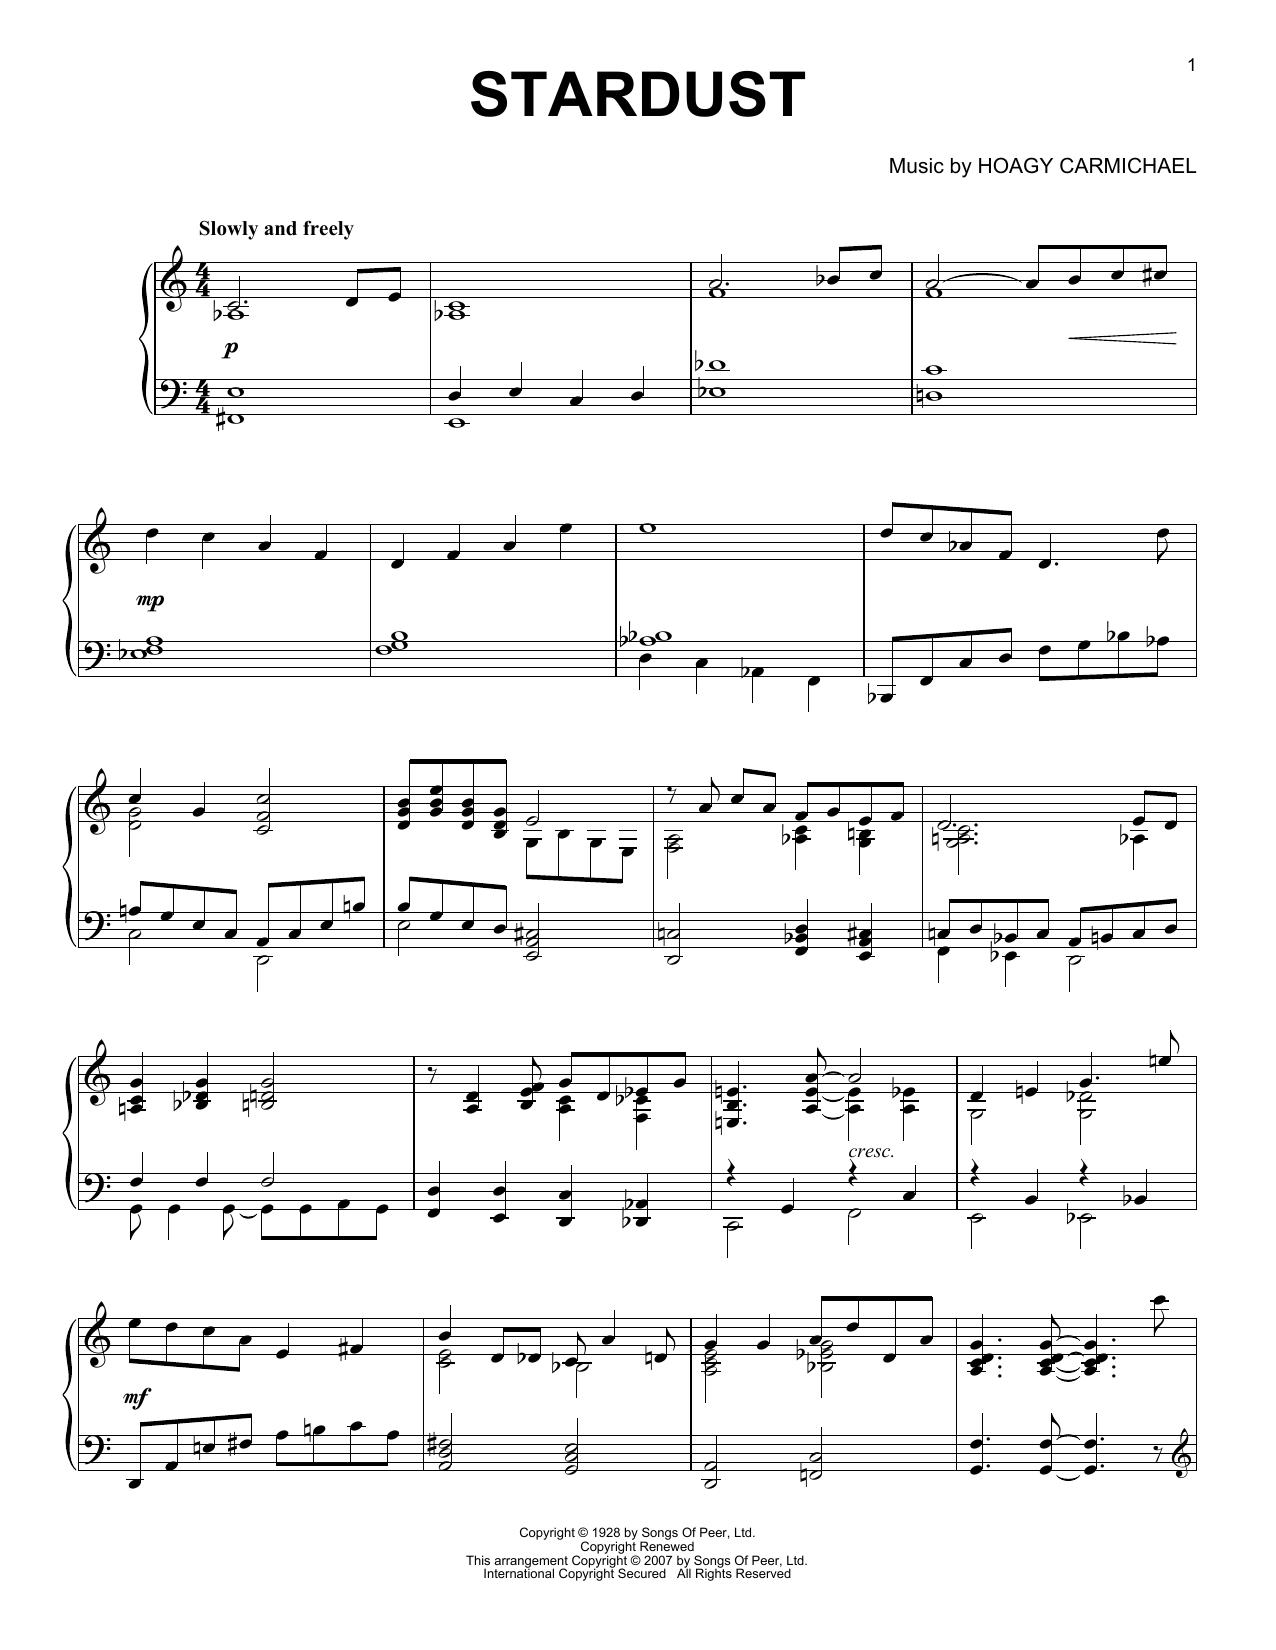 Stardust Sheet Music